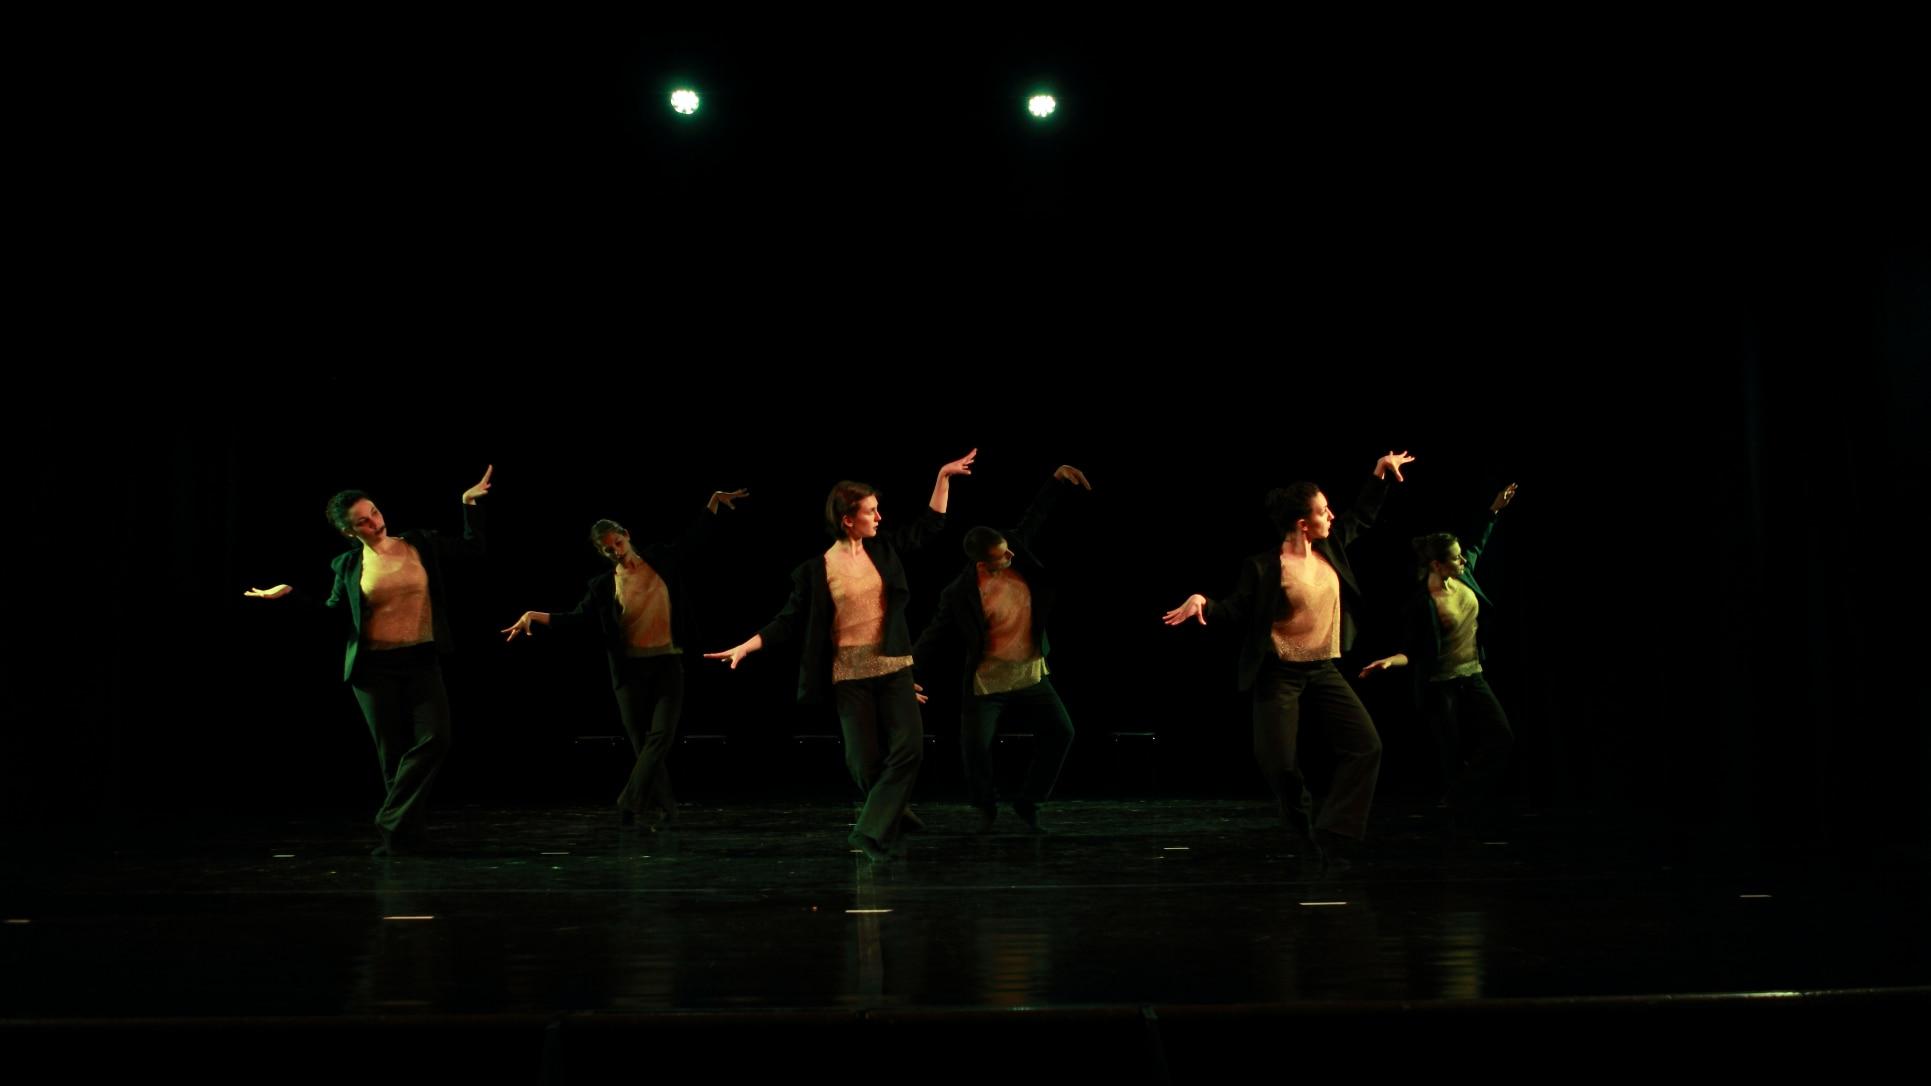 venti-in-danza-6@0.5x